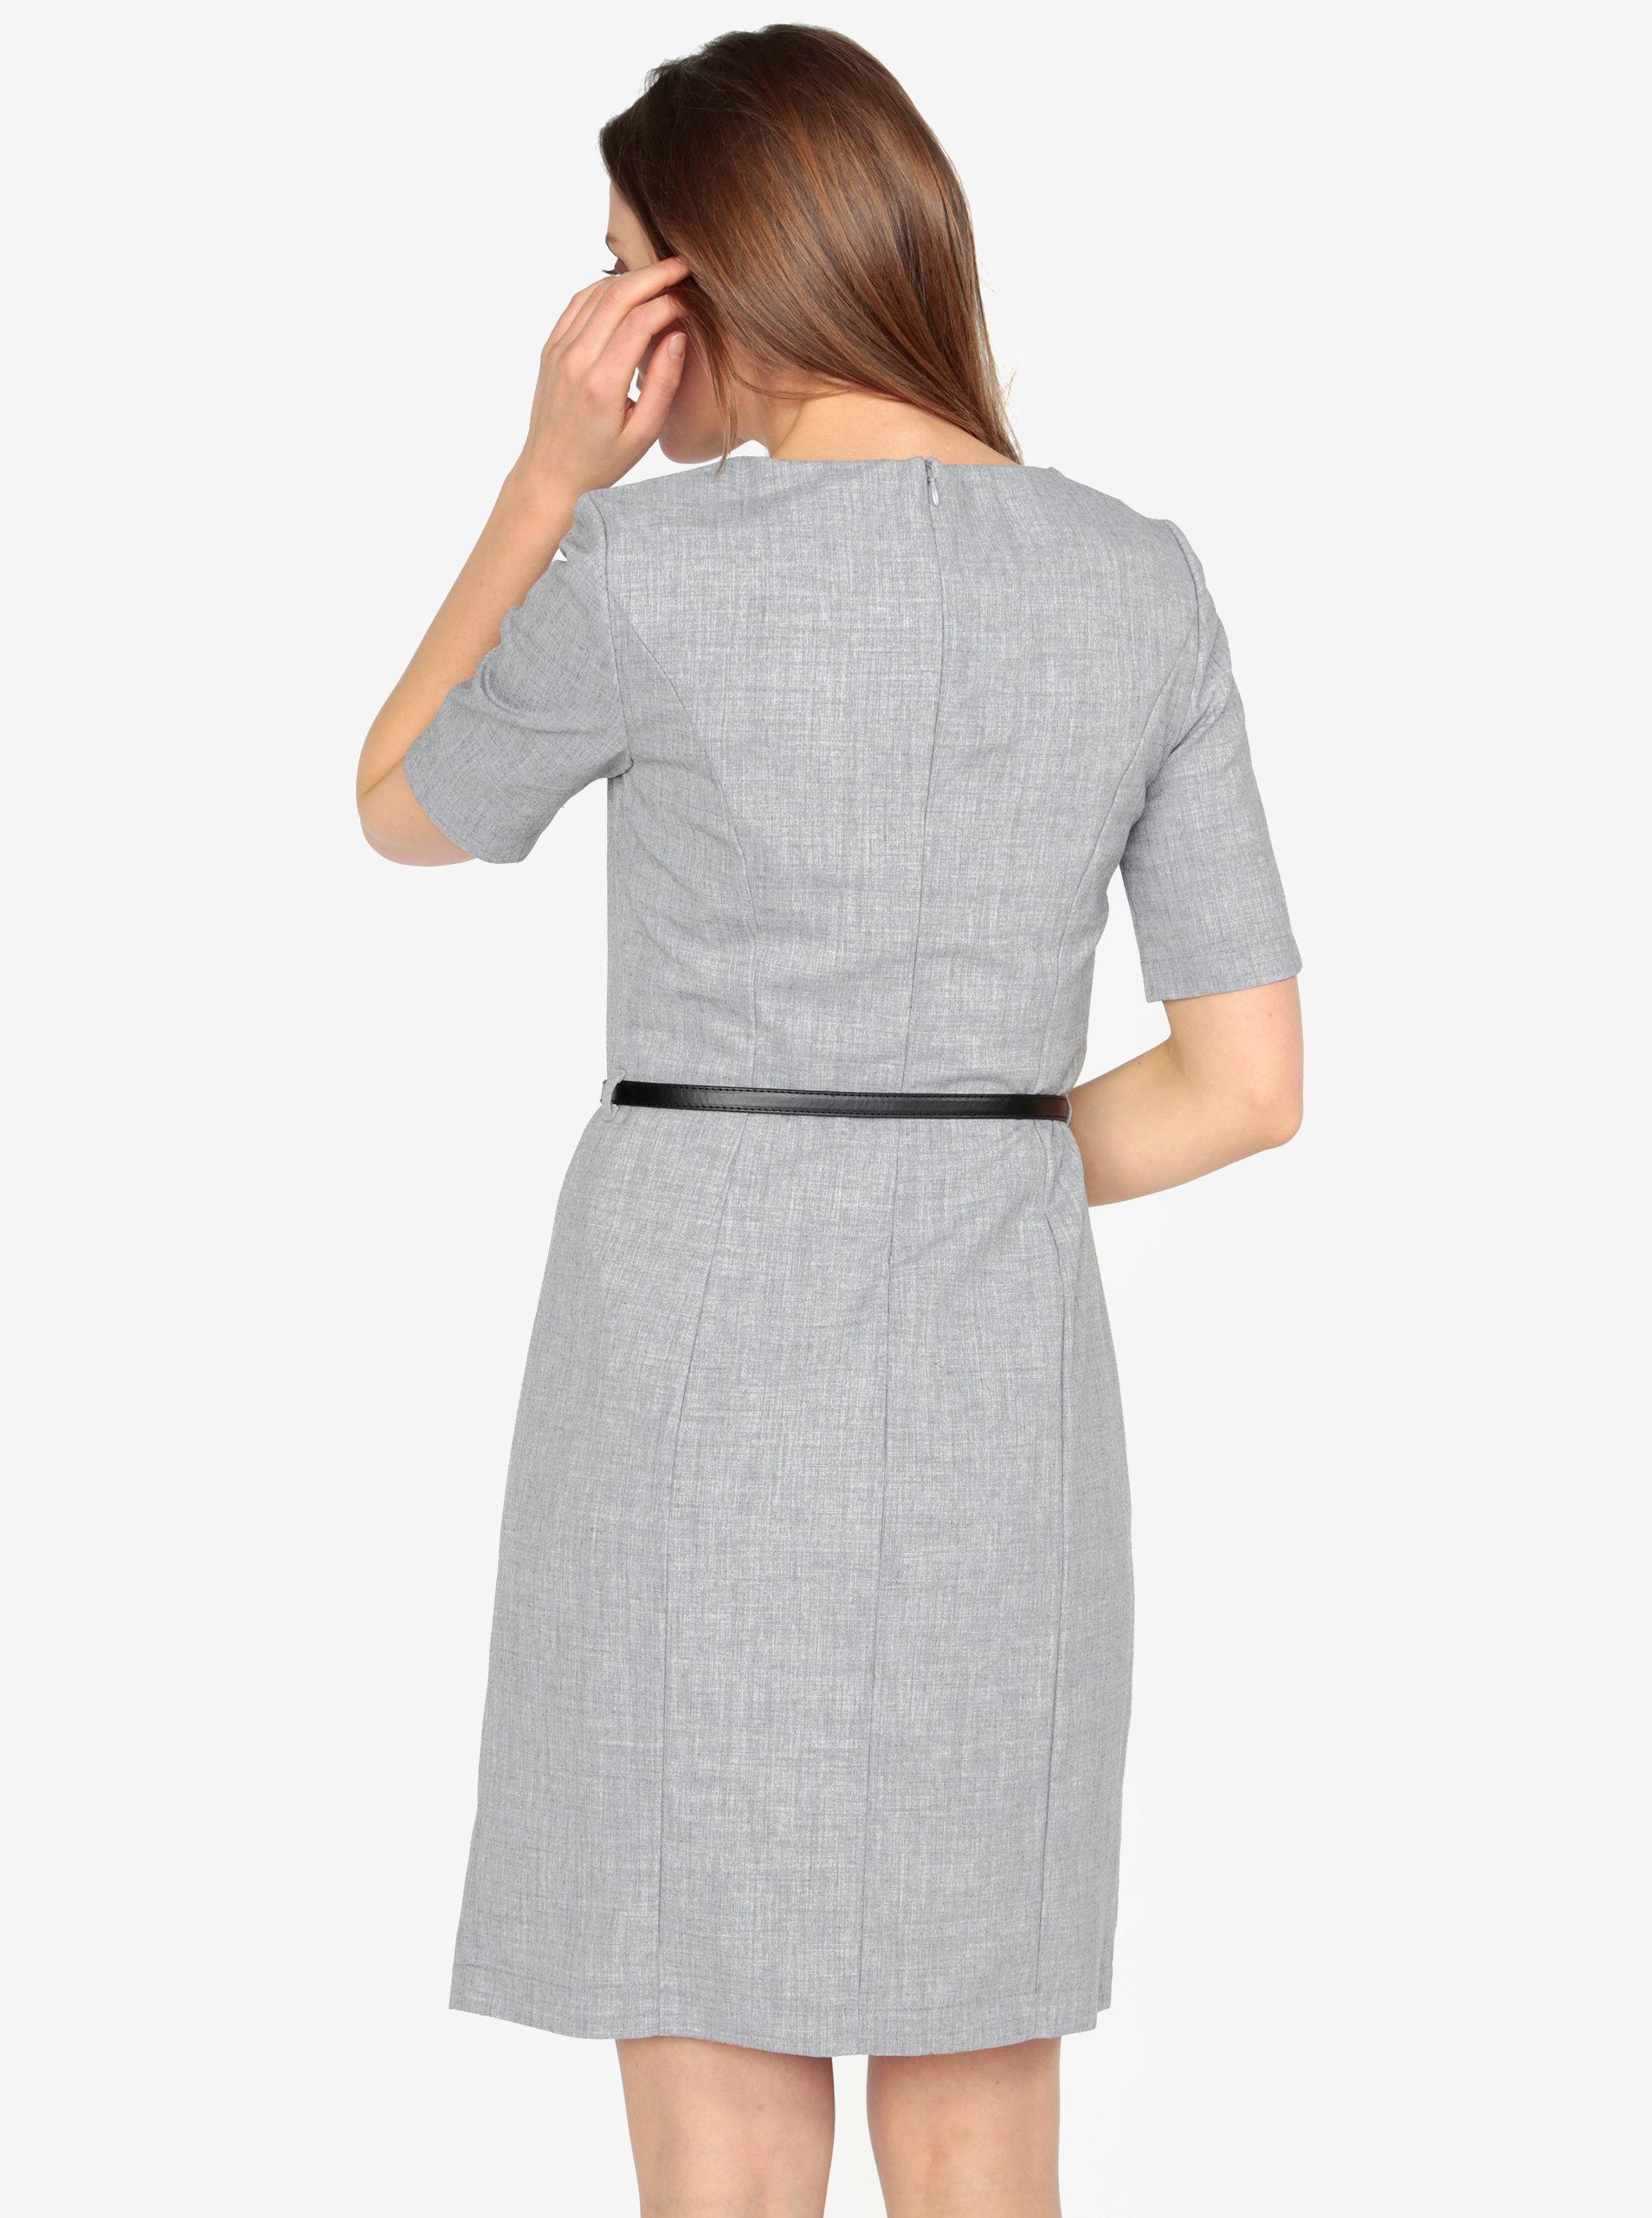 73dc92186ae Šedé žíhané šaty s páskem VERO MODA Olivia ...